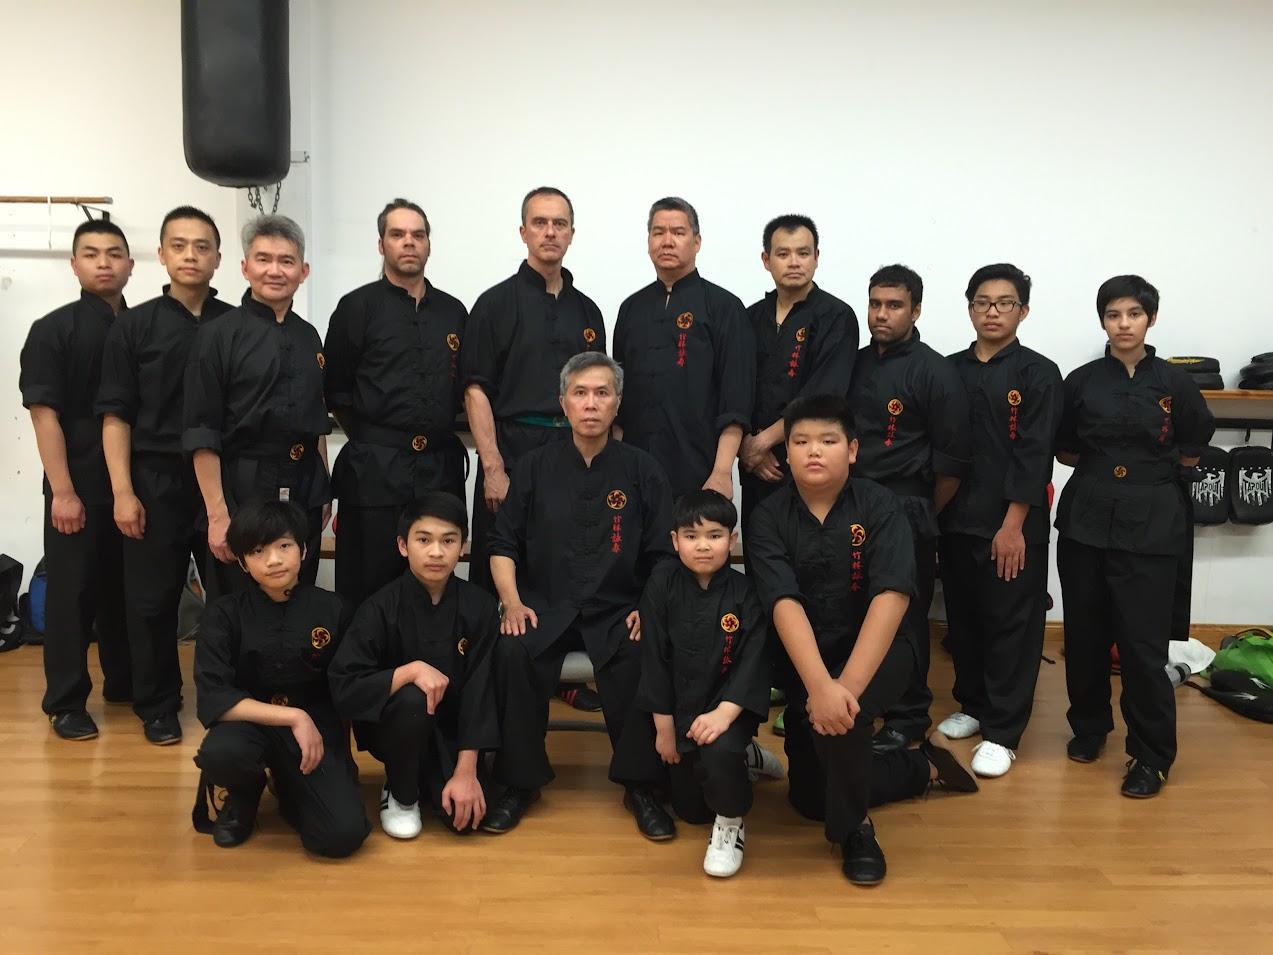 Contact Us - Martial Arts - Kung Fu - Wing Chun - Ip Man